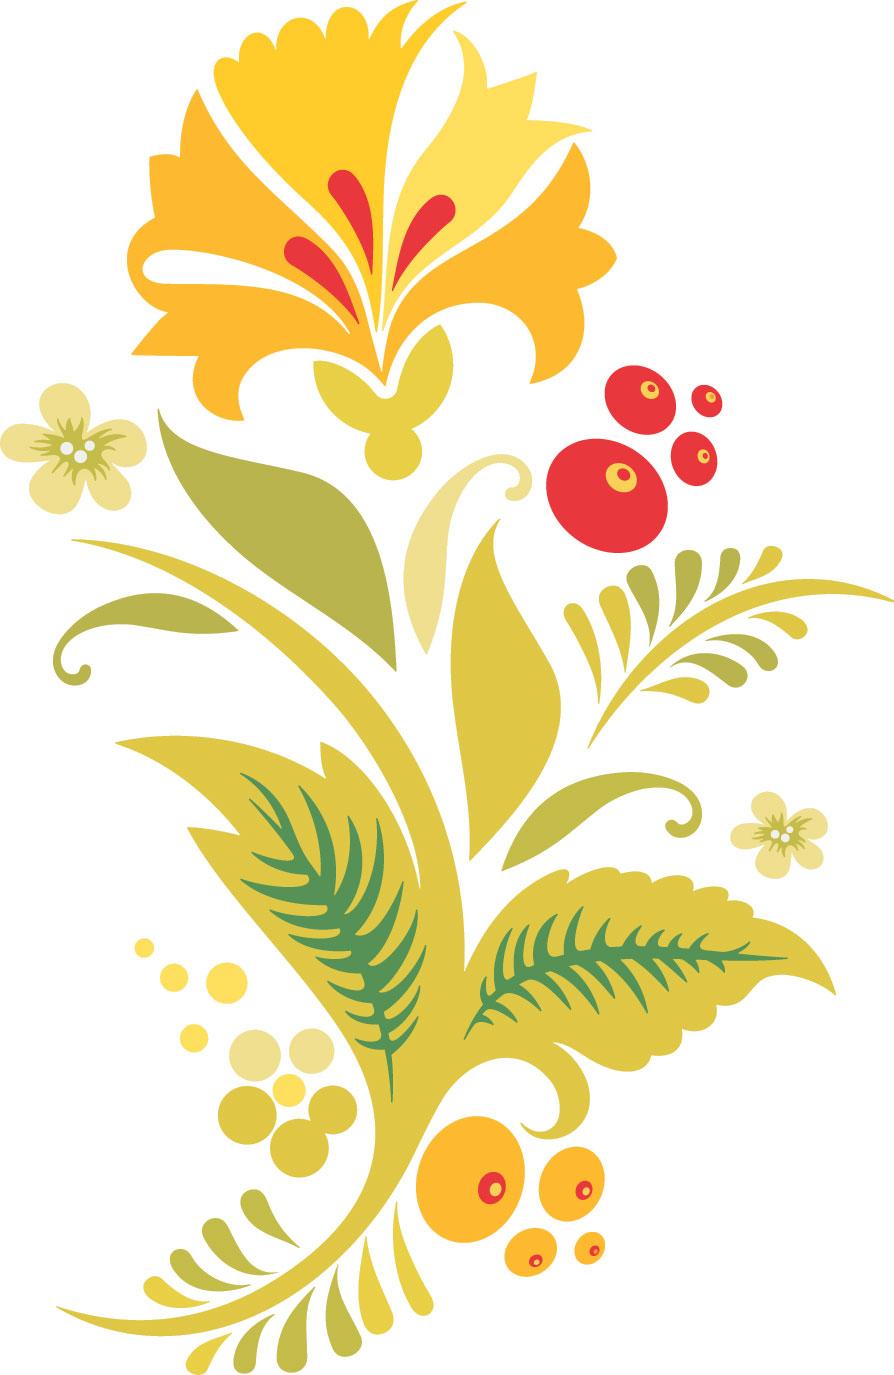 ポップでかわいい花のイラスト・フリー素材/no.193『秋の色』